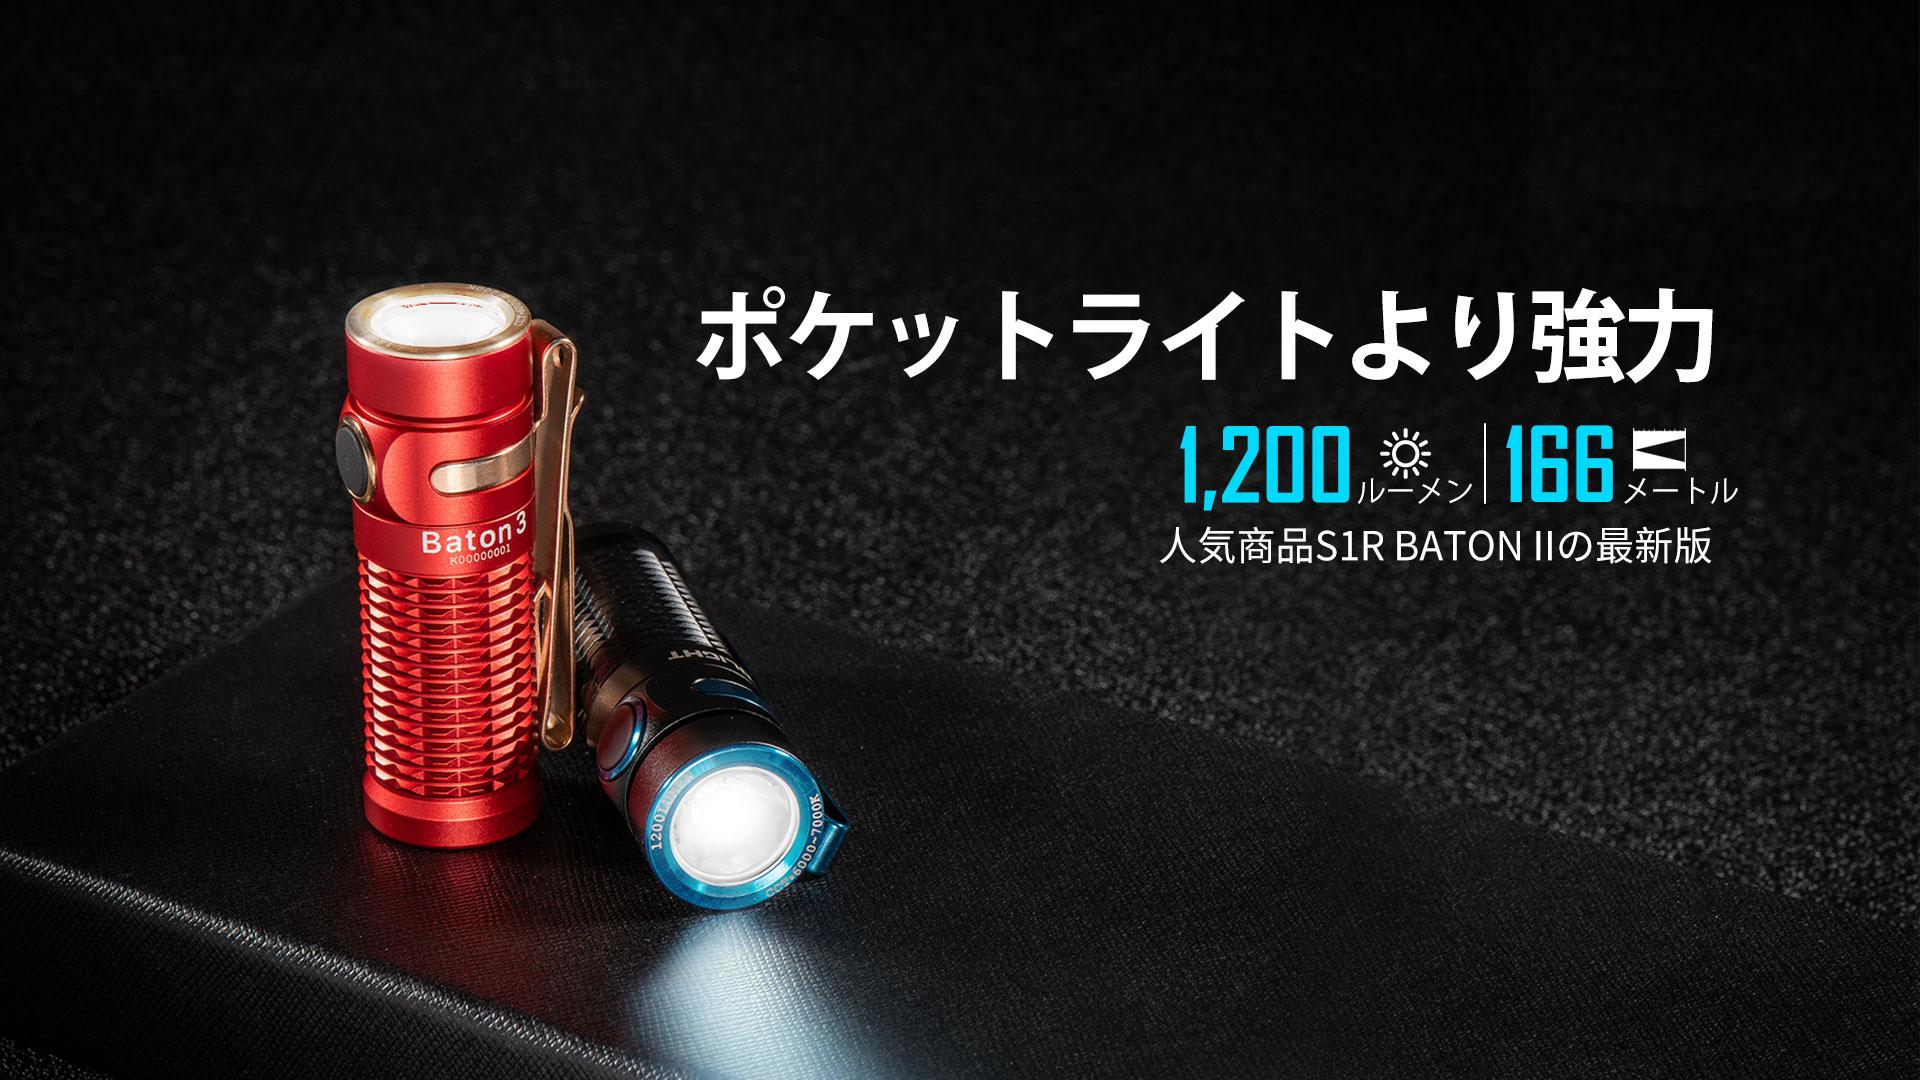 Baton3は166メートルの距離を照らすことができます